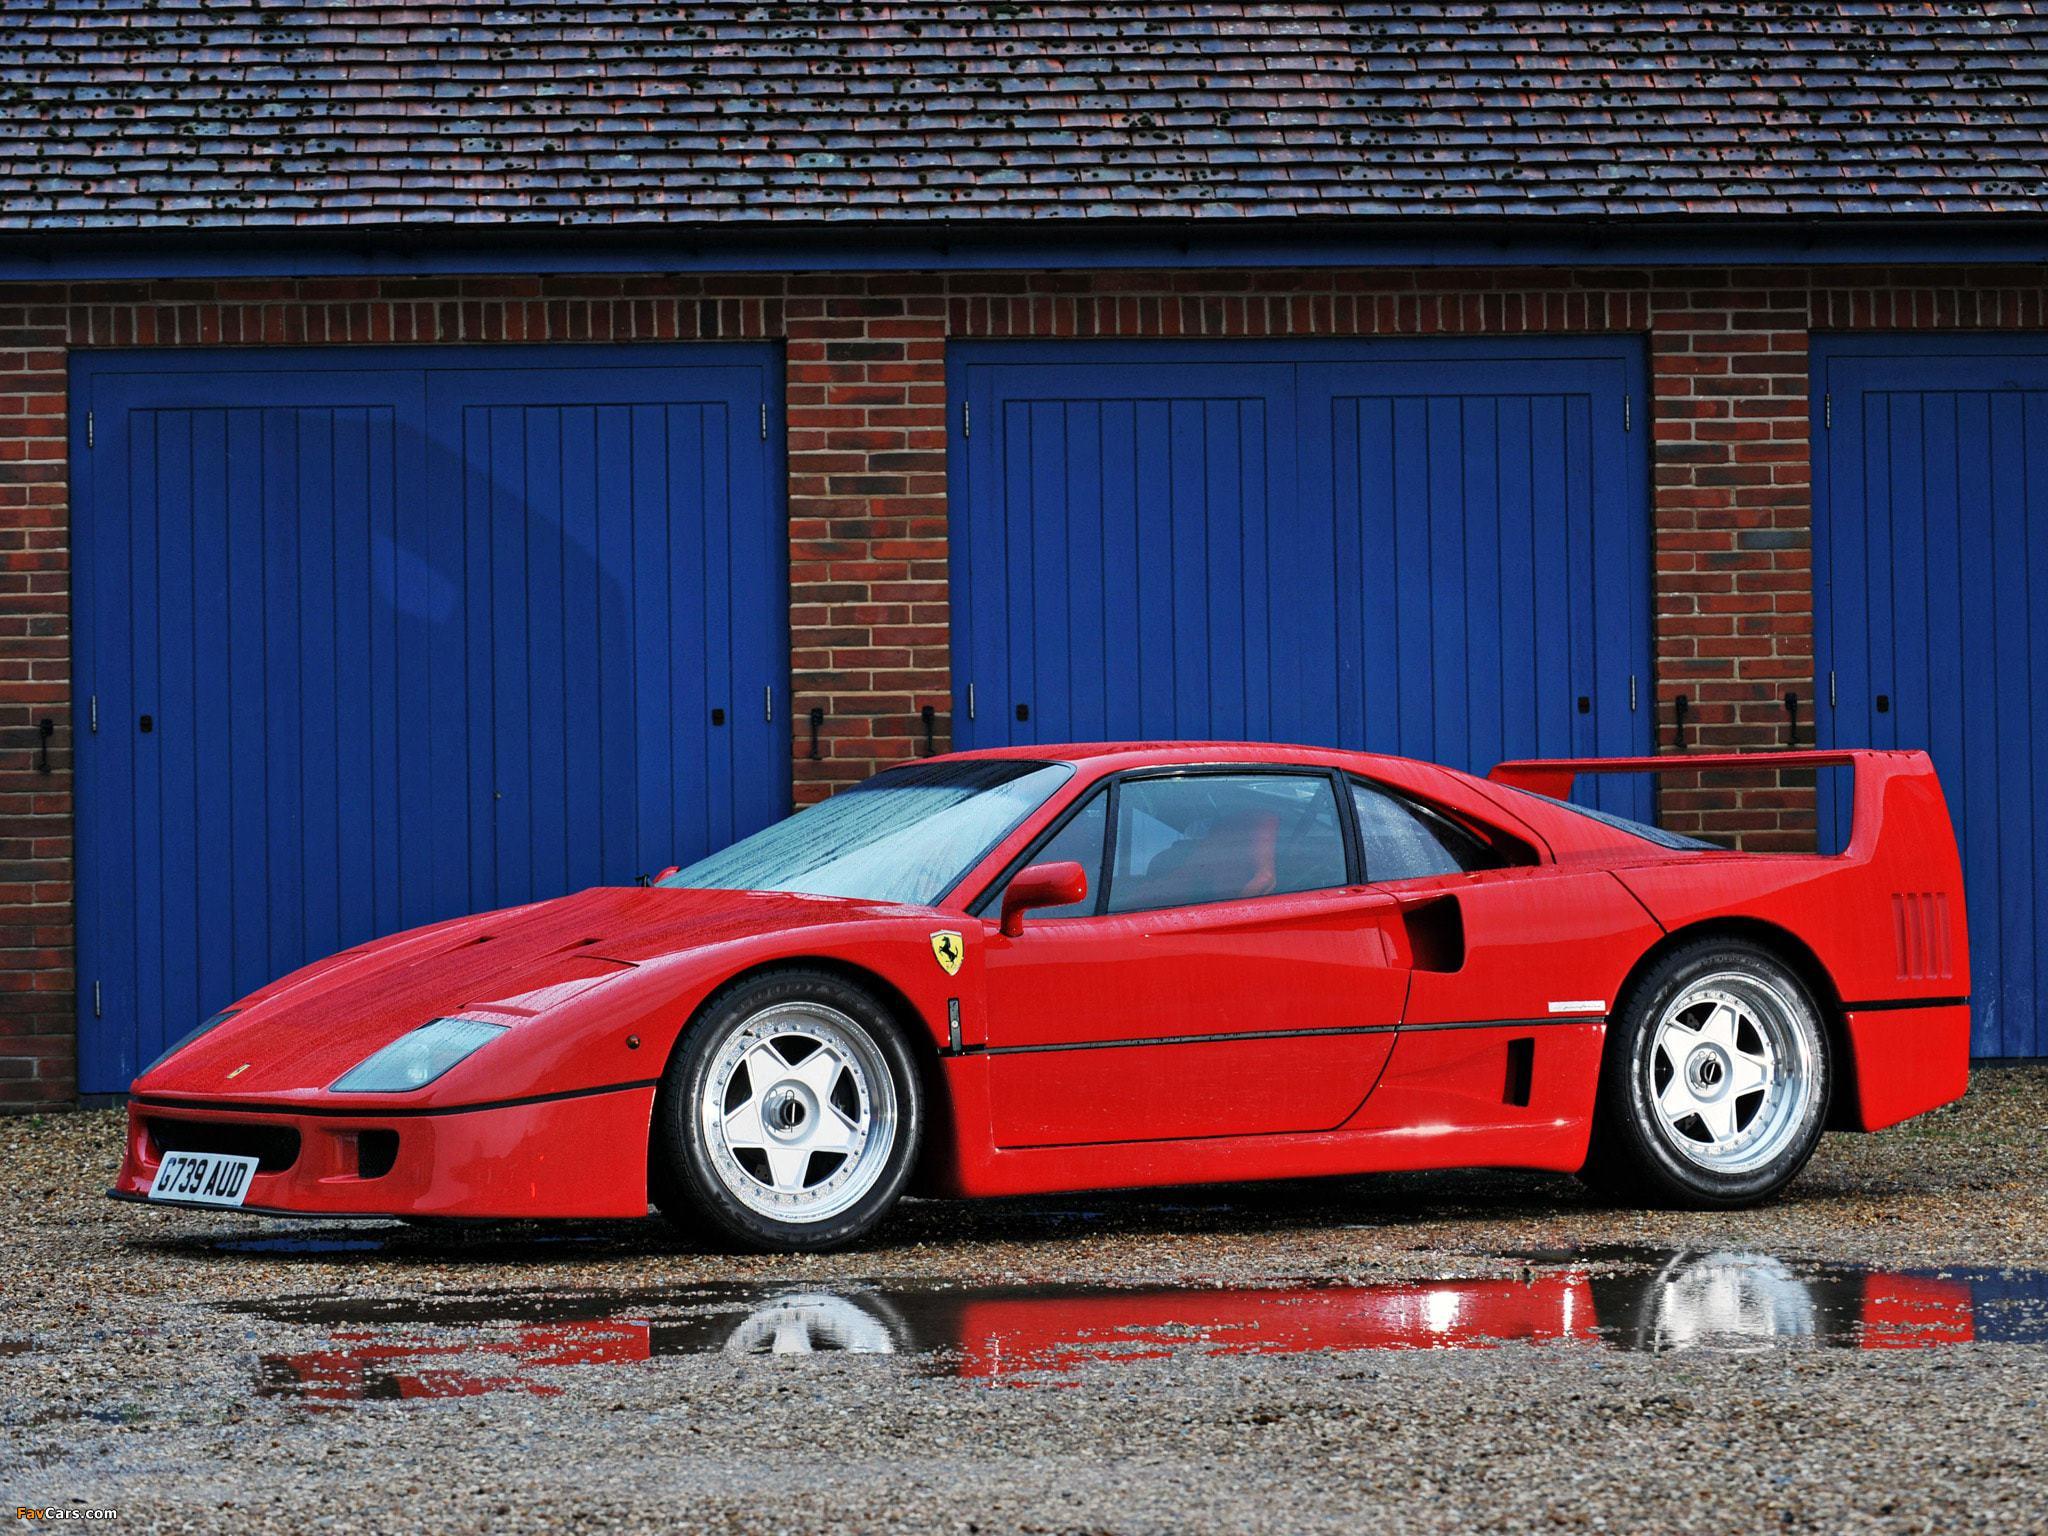 Ferrari F40 Images